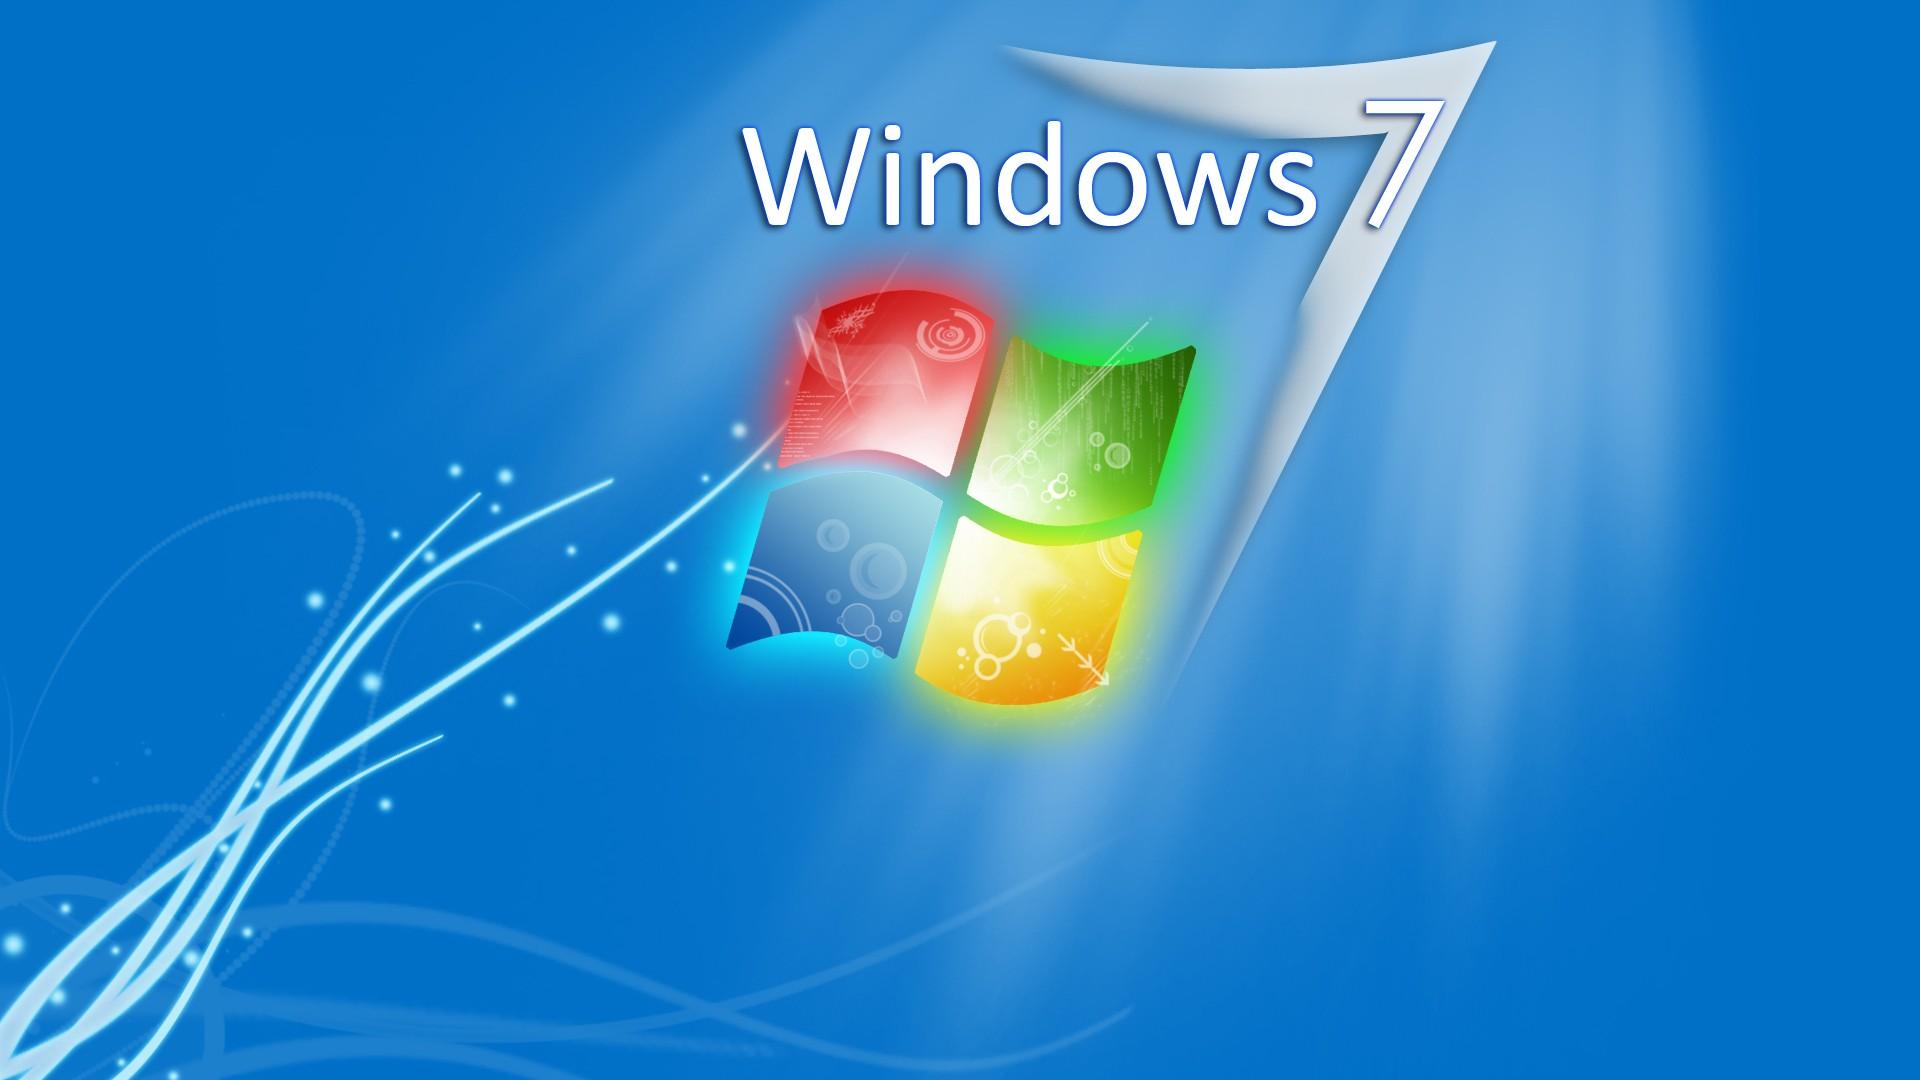 壁紙 ウィンドウズ 7 Windows コンピューター ダウンロード 写真